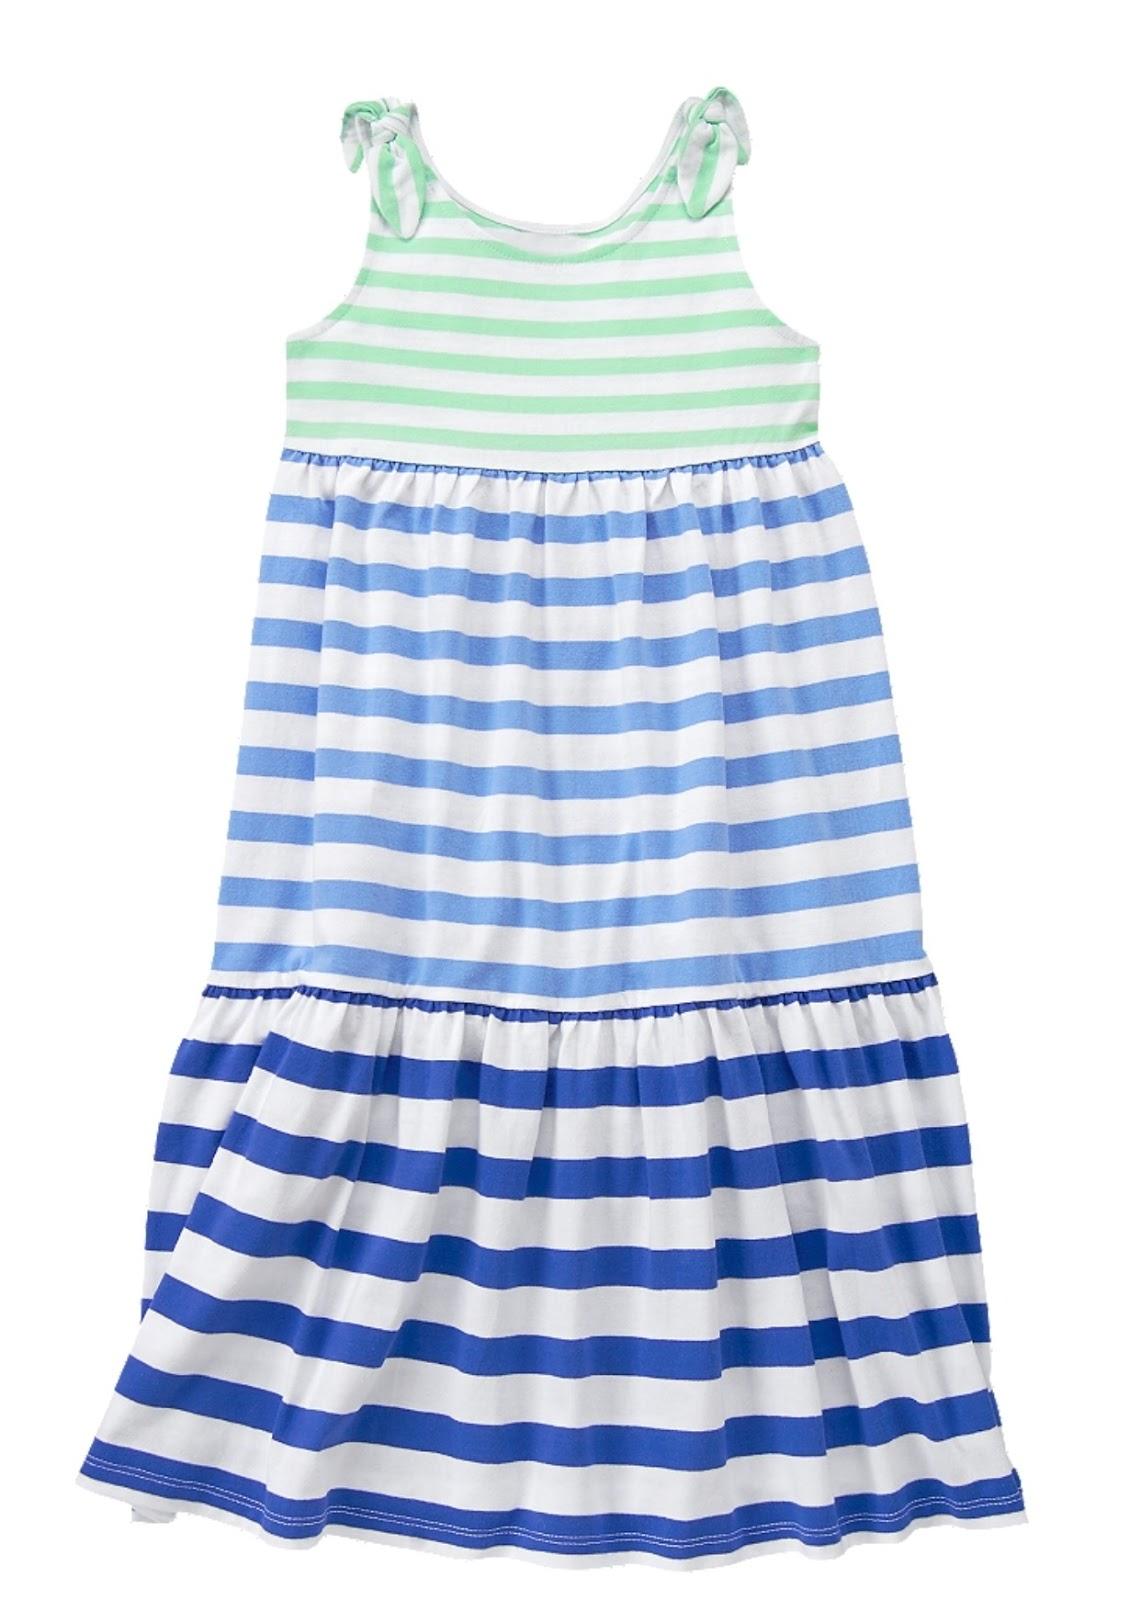 Đầm maxi bé gái thun cotton Gymboree, xuất xịn Made in Vietnam.